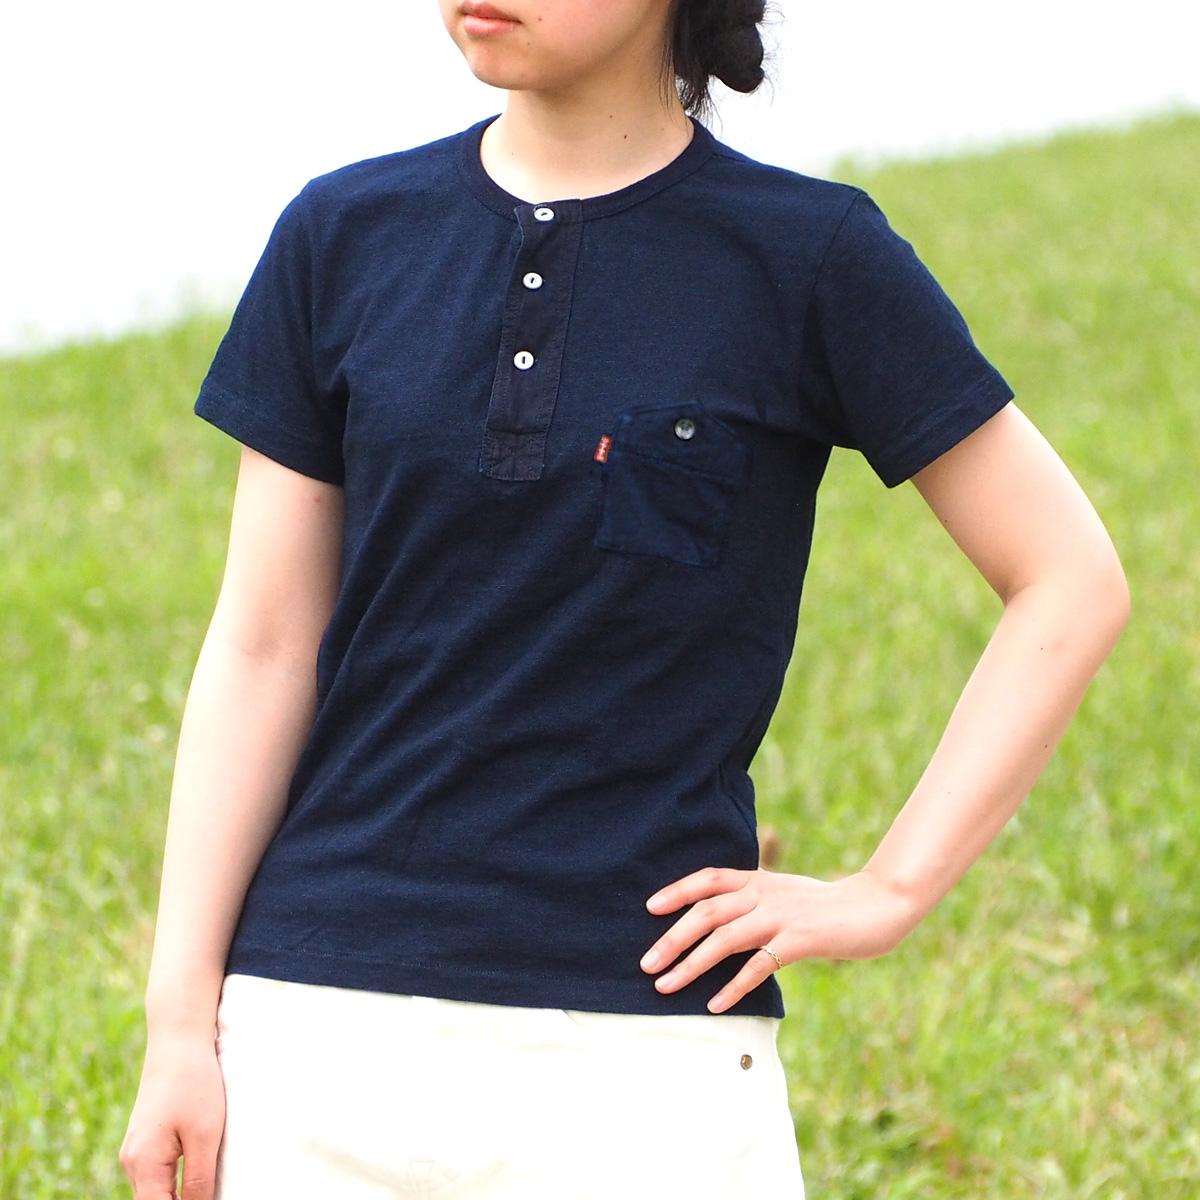 graphzero(グラフゼロ) インディゴロープ染色 山ポケット ヘンリーネックTシャツ レディース [GZ-IDTH-0103-LADIES]